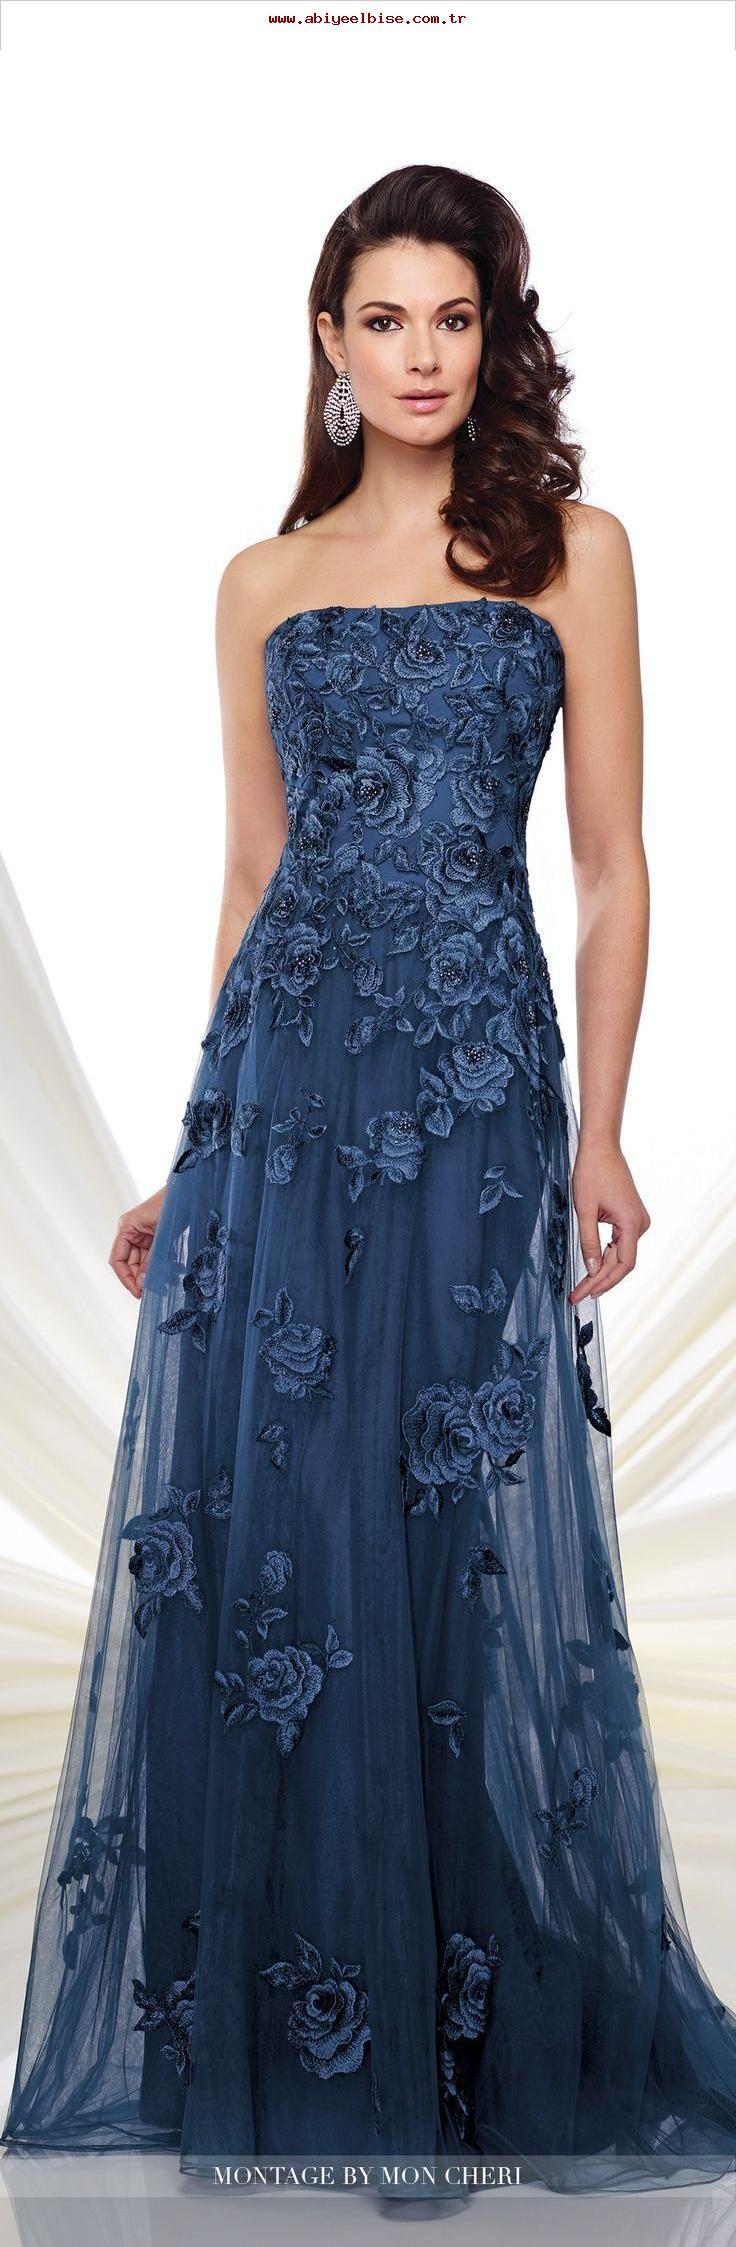 Formelle Abendkleider von Mon Cheri - Herbst 8 - Stil Nr